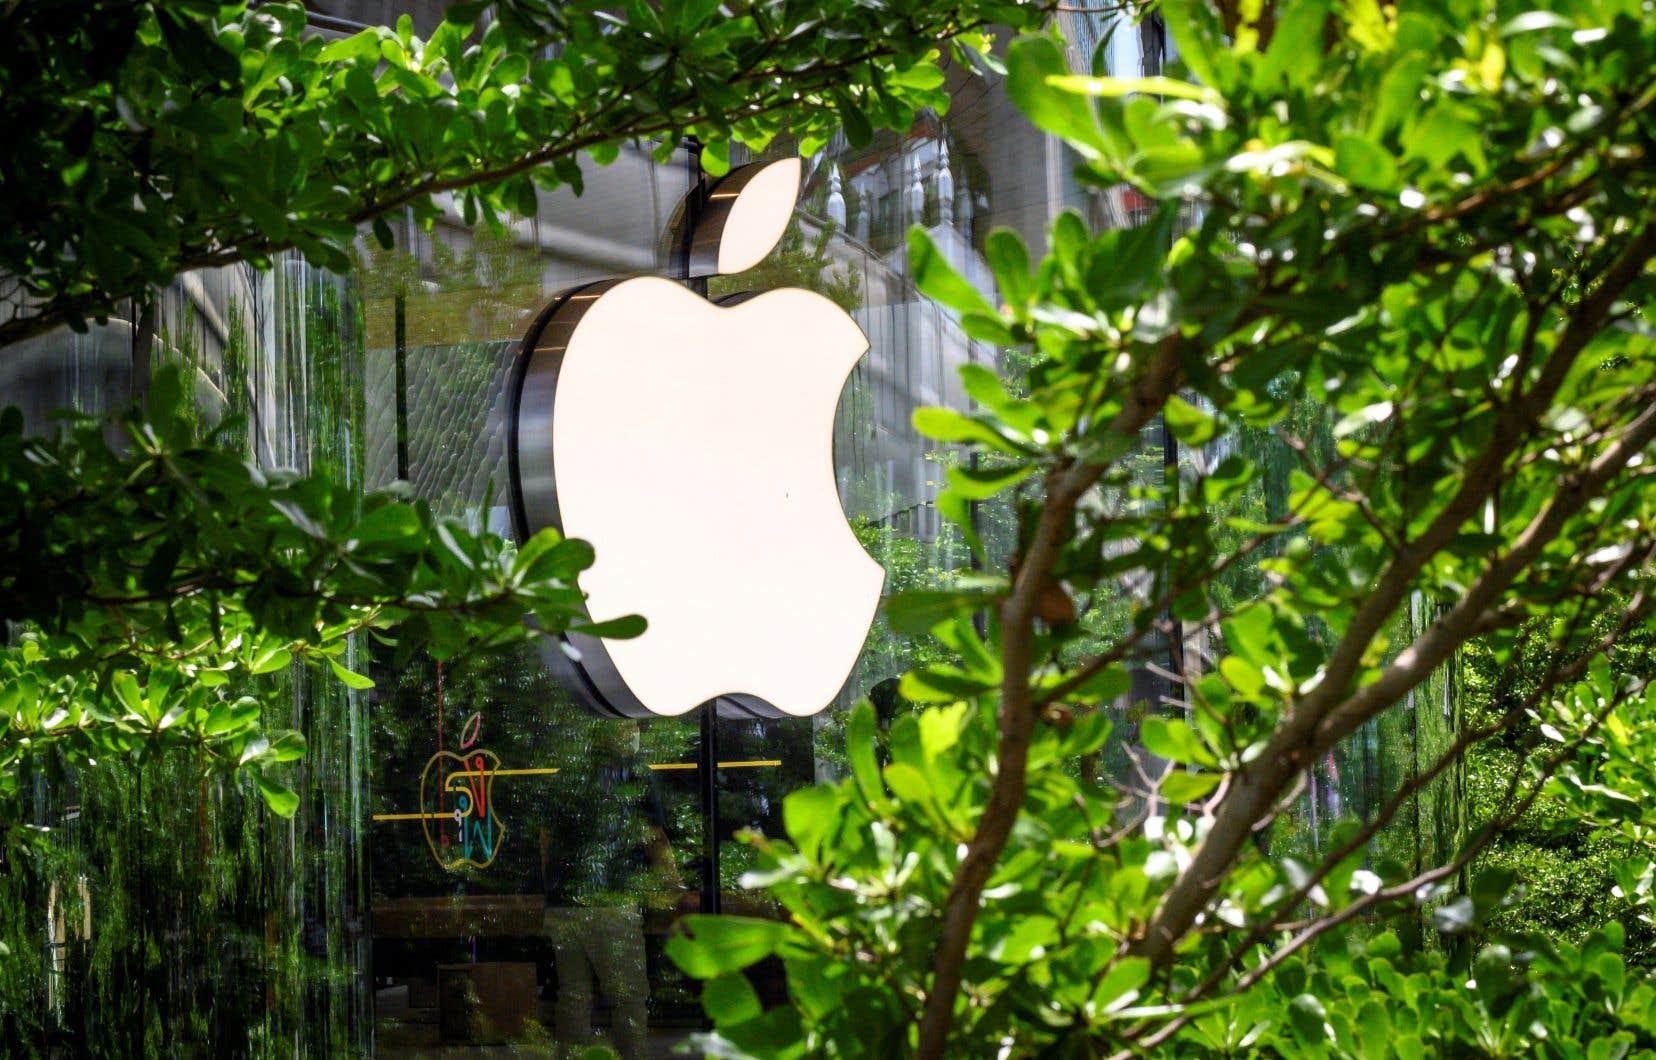 Entre avril et juin, l'entreprise Apple a réalisé près de 60 milliards de chiffre d'affaires et plus de 11 milliards de bénéfice net.